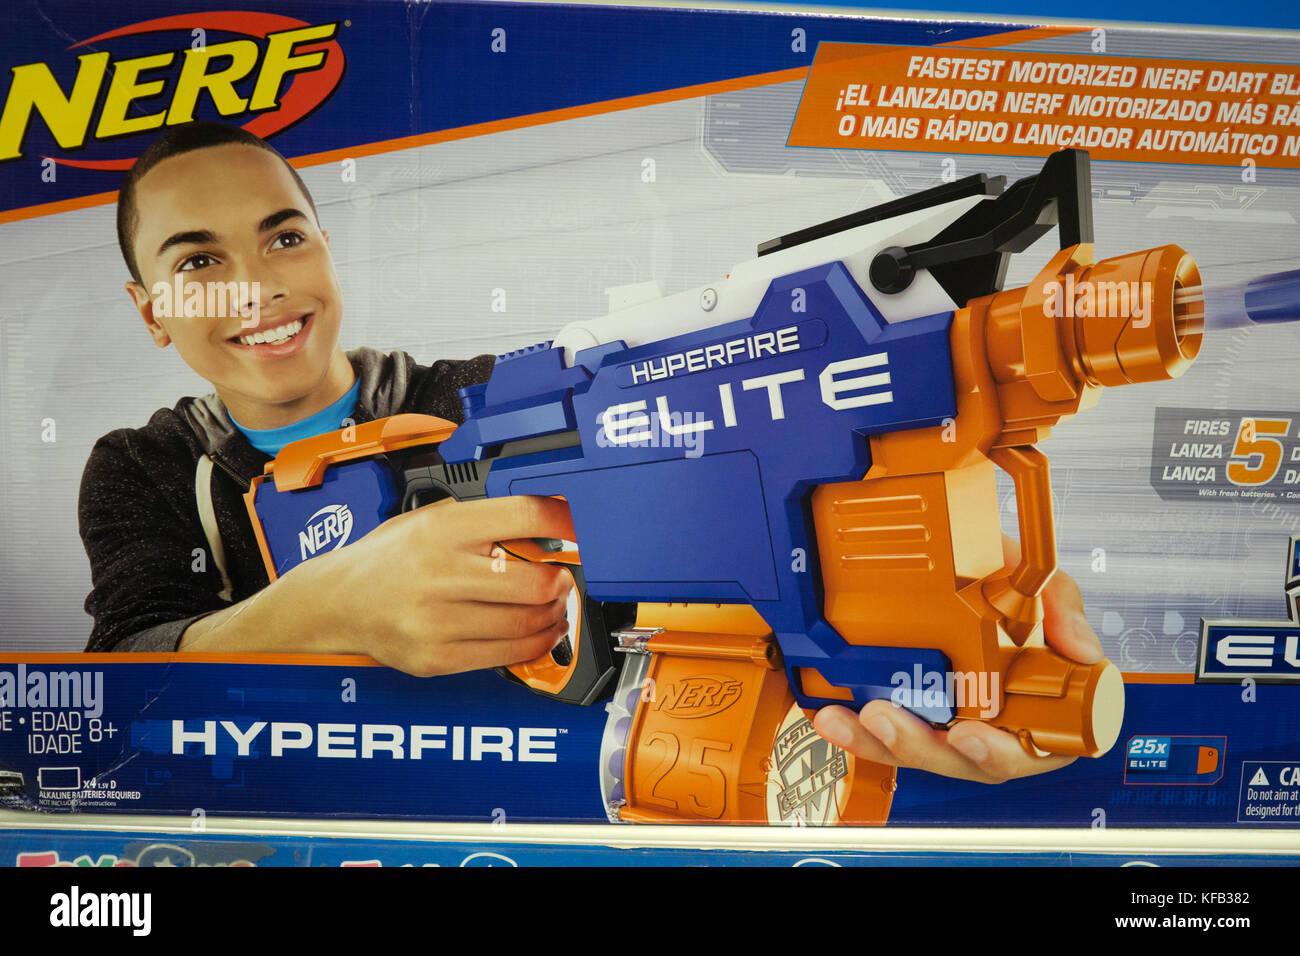 Toys R Us Nerf Guns : Dart gun stock photos images alamy